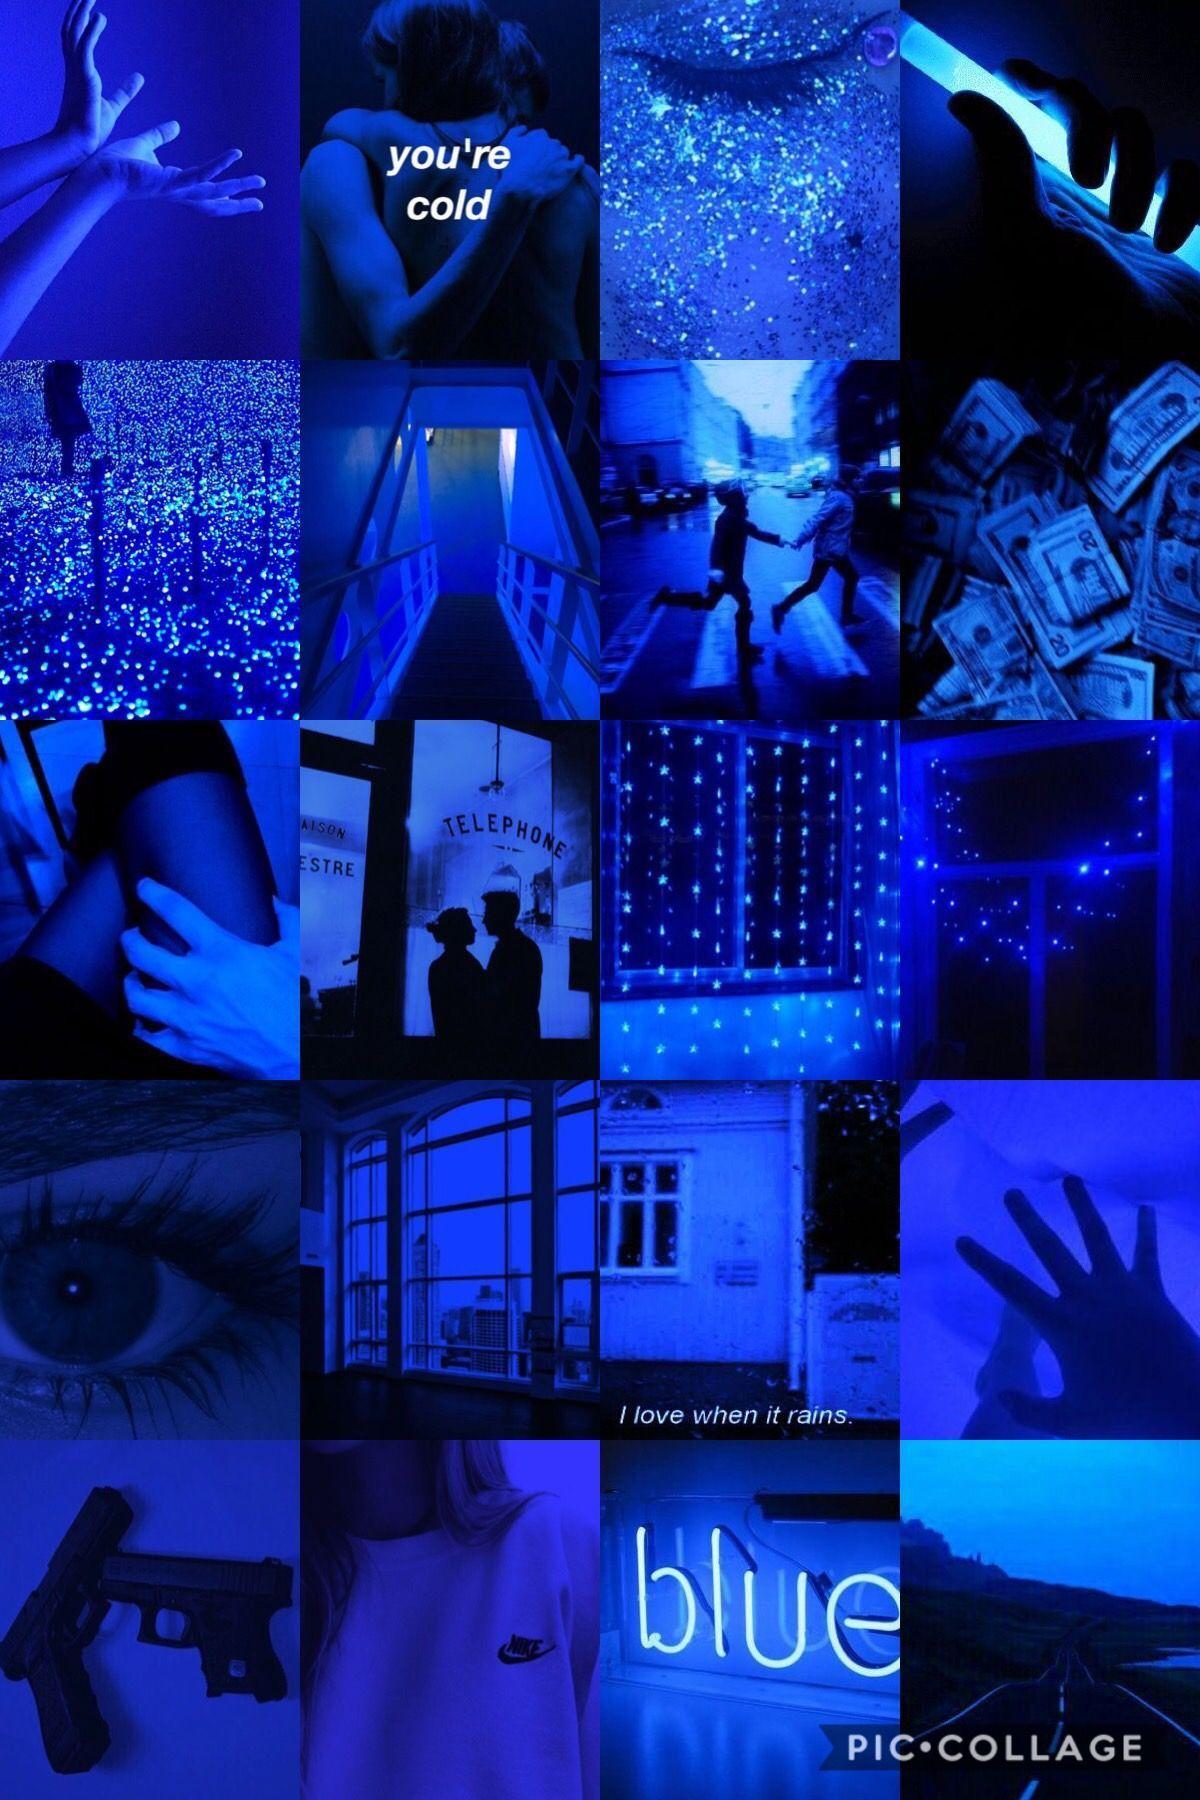 Dark Blue Aesthetic Blueaesthetic Dark Blue Aesthetic Blue Aesthetic Tumblr Black Aesthetic Wallpaper Blue Wallpaper Iphone